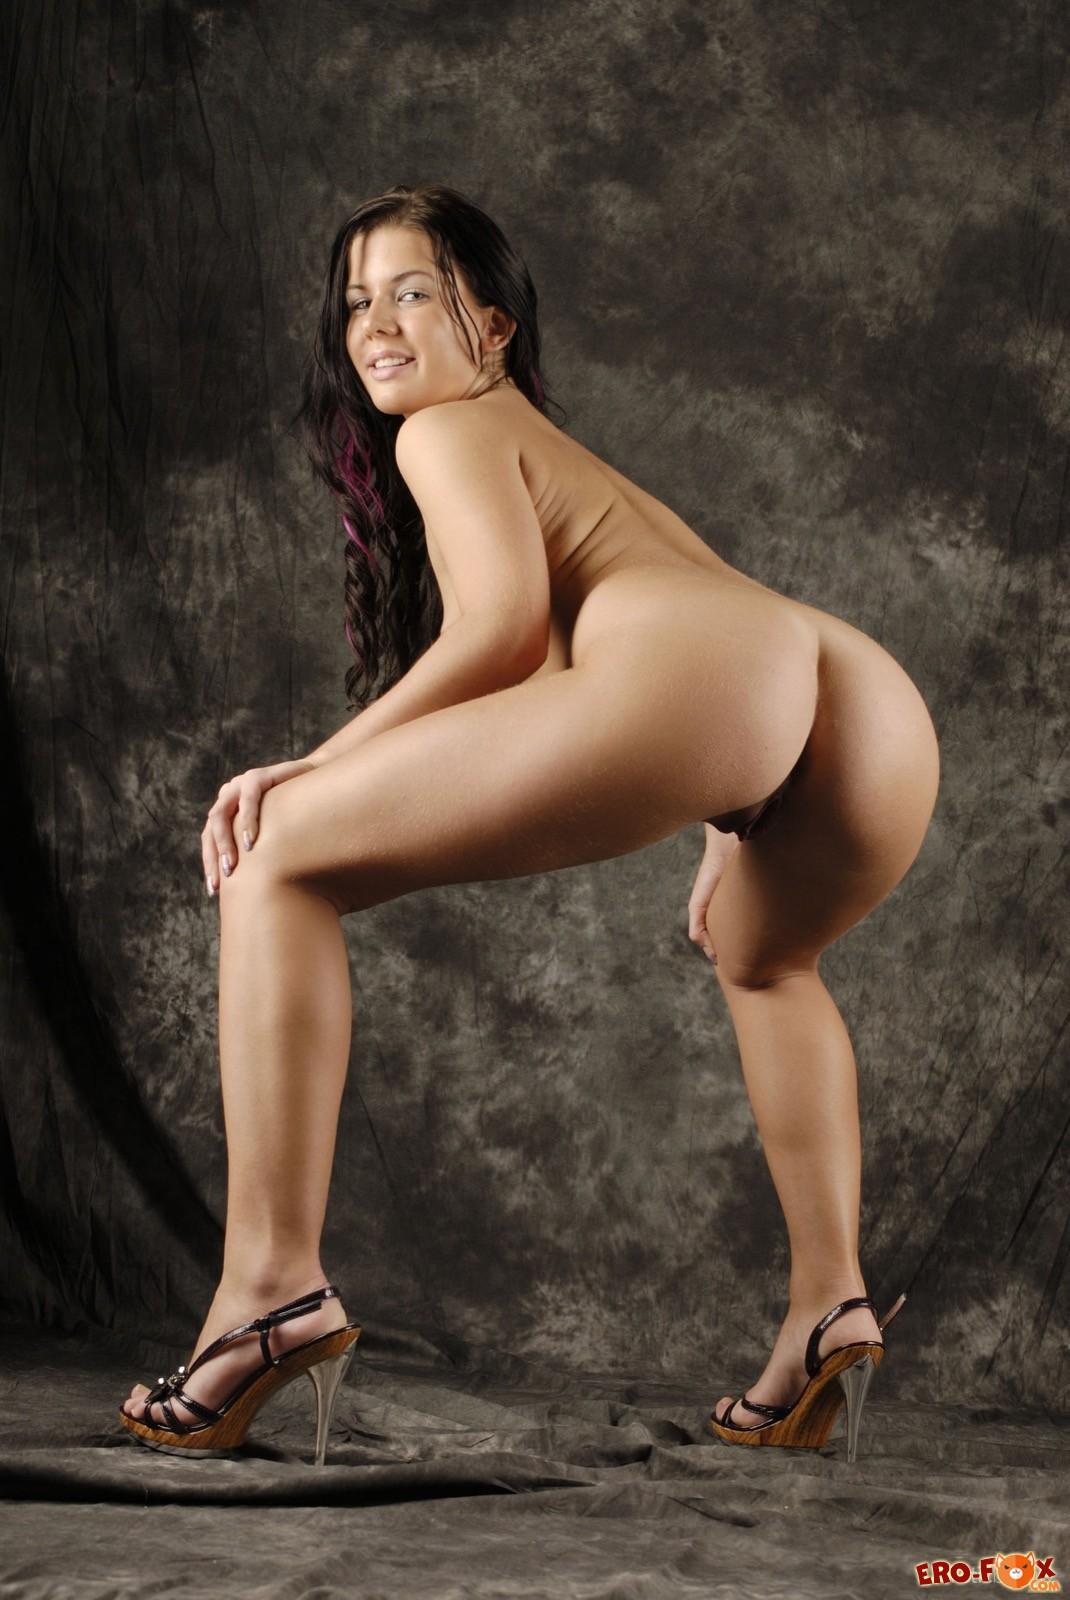 Страстная девица оказалась на эротичной фотосессии